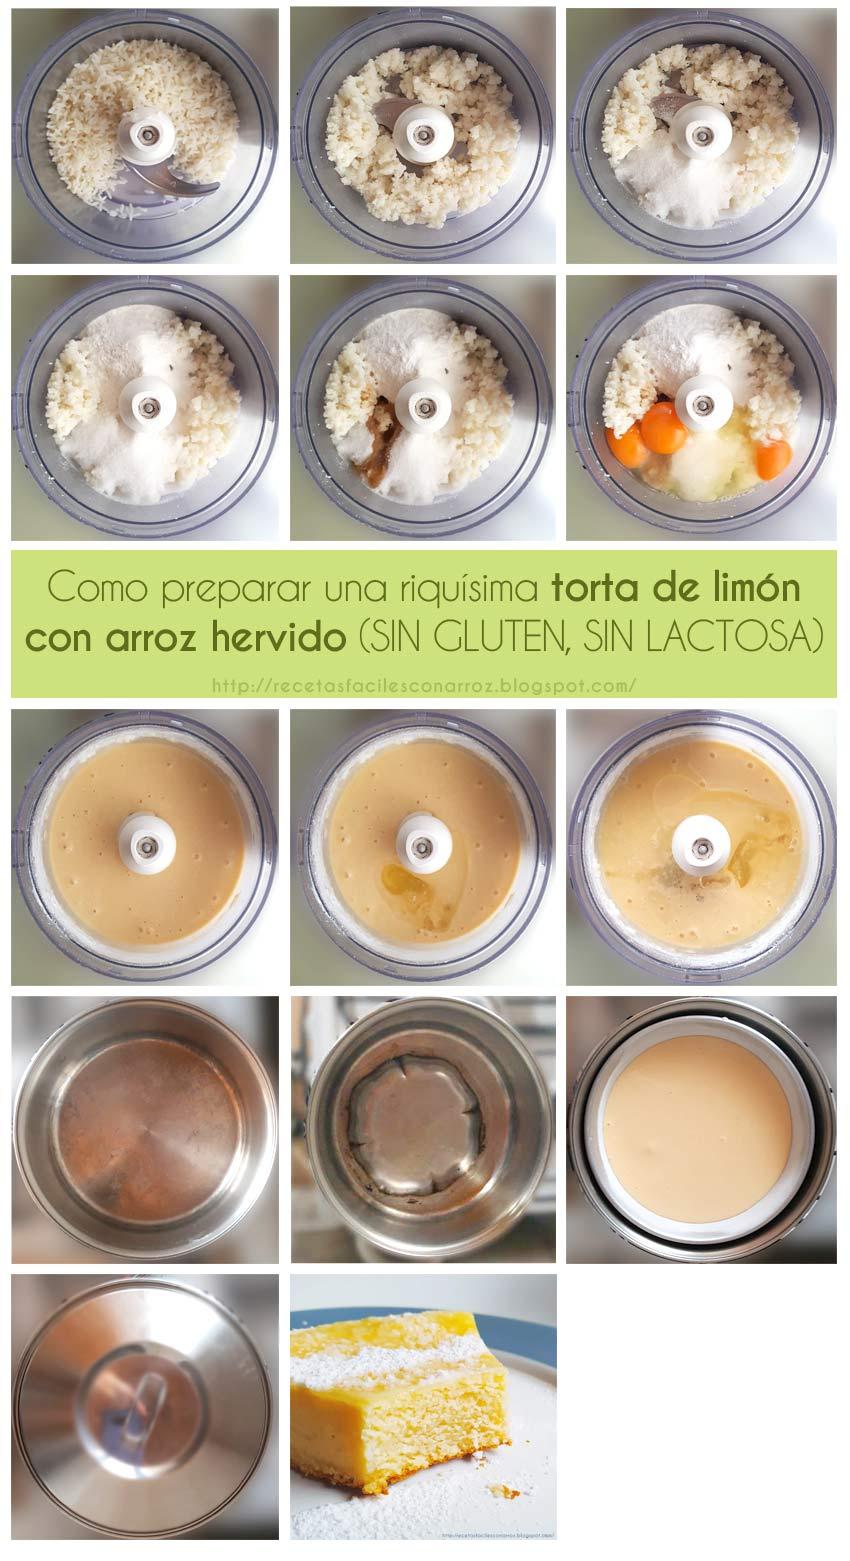 torta de limon sin gluten sin lactosa